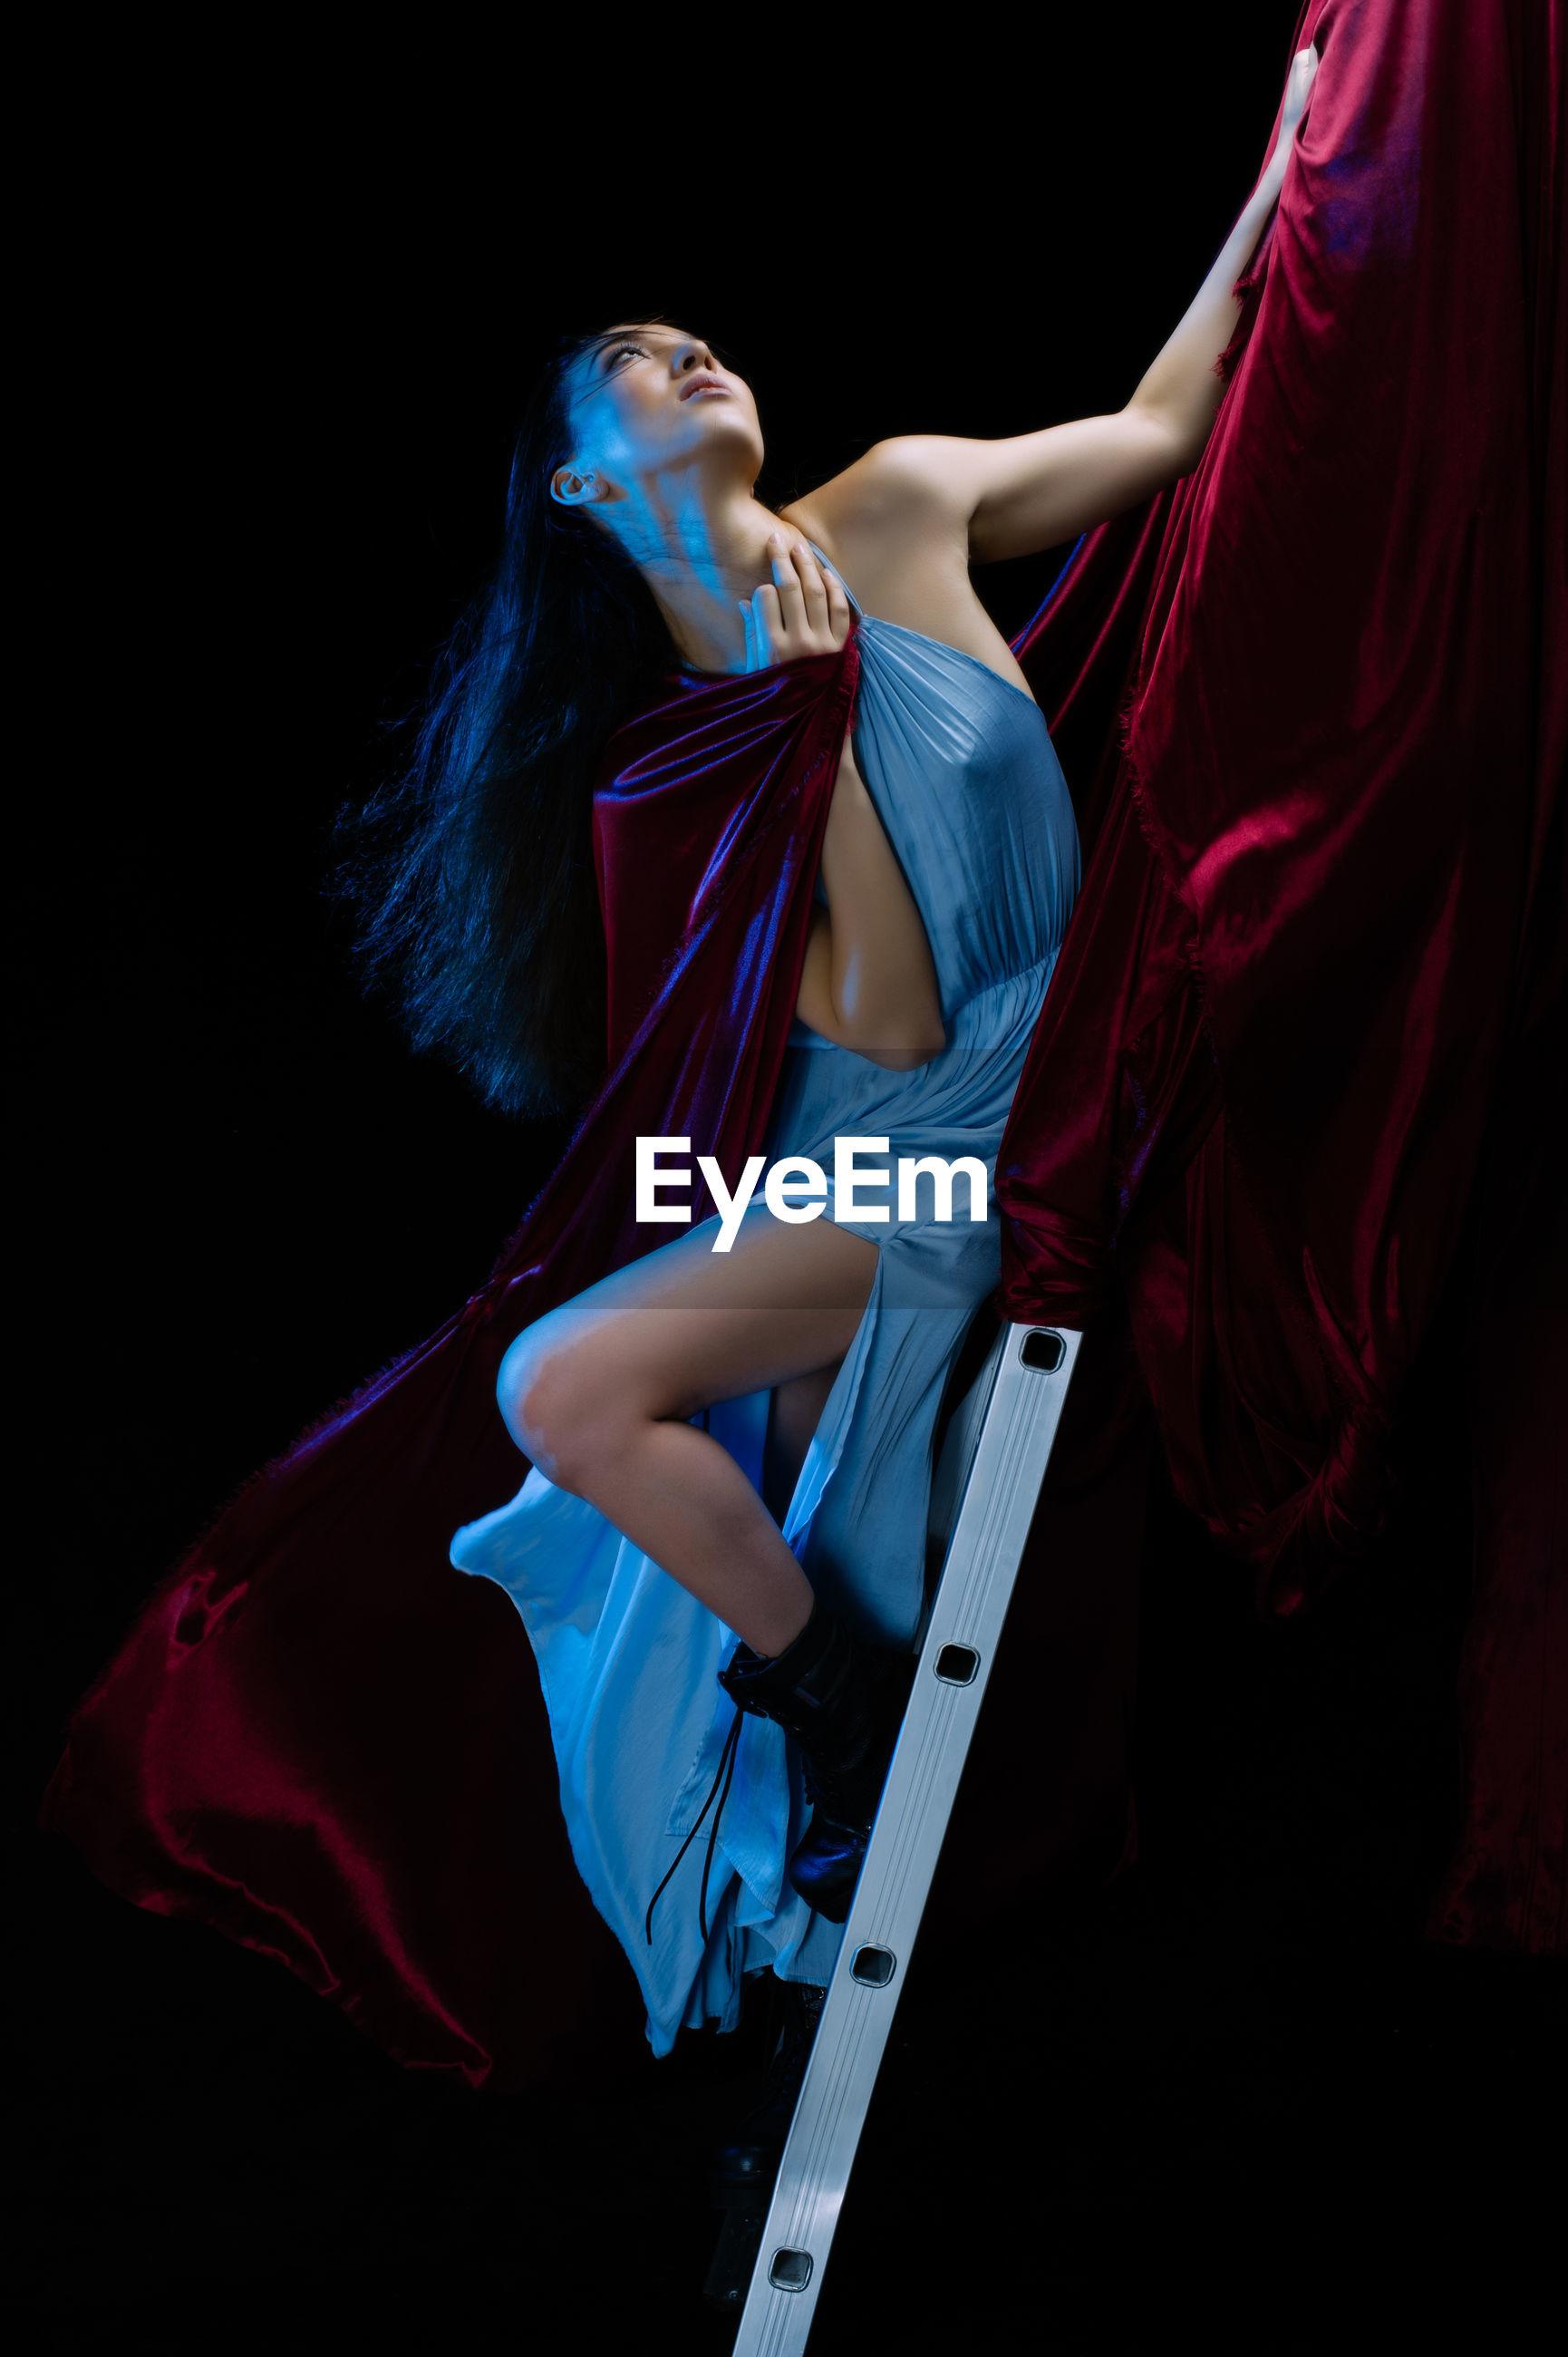 Glamorous woman posing on ladder